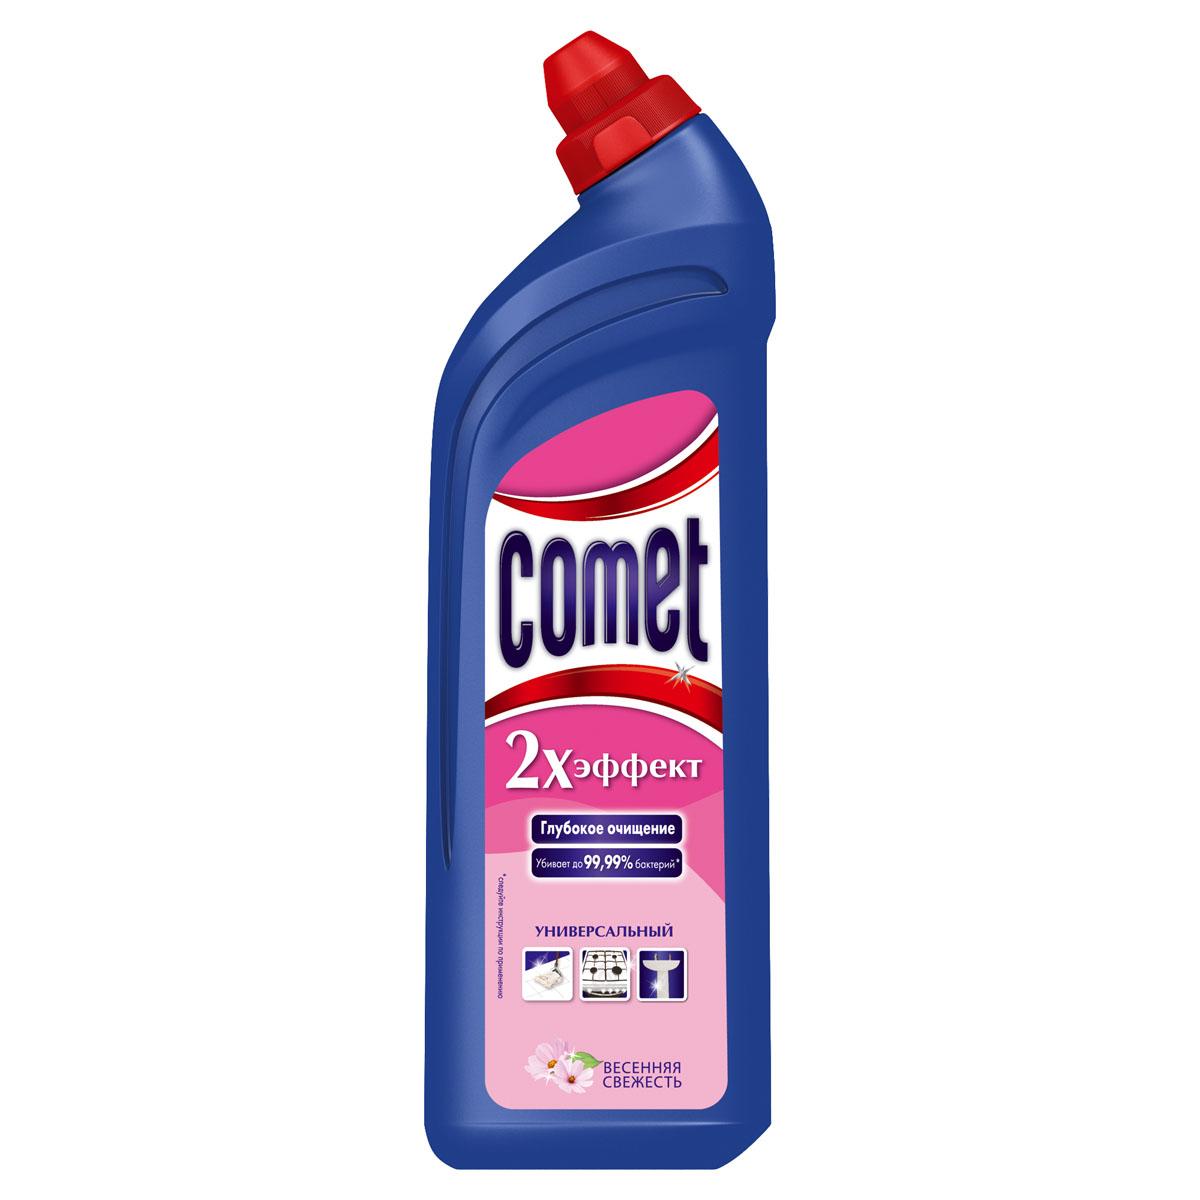 Универсальный чистящий гель Comet Двойной эффект, весенняя свежесть, 1 лCG-80227827Универсальный чистящий гель Comet Двойной эффект предназначен для глубокого очищения поверхностей. Эффективно удаляет повседневные загрязнения и обычный жир во всем доме, а также дезинфицирует поверхности. Средство подходит для плит (в том числе стеклокерамических), ванн, раковин, унитазов, кафеля, мытья полов. Обладает приятным свежим ароматом. Характеристики:Состав: Объем: 1 л. Товар сертифицирован.